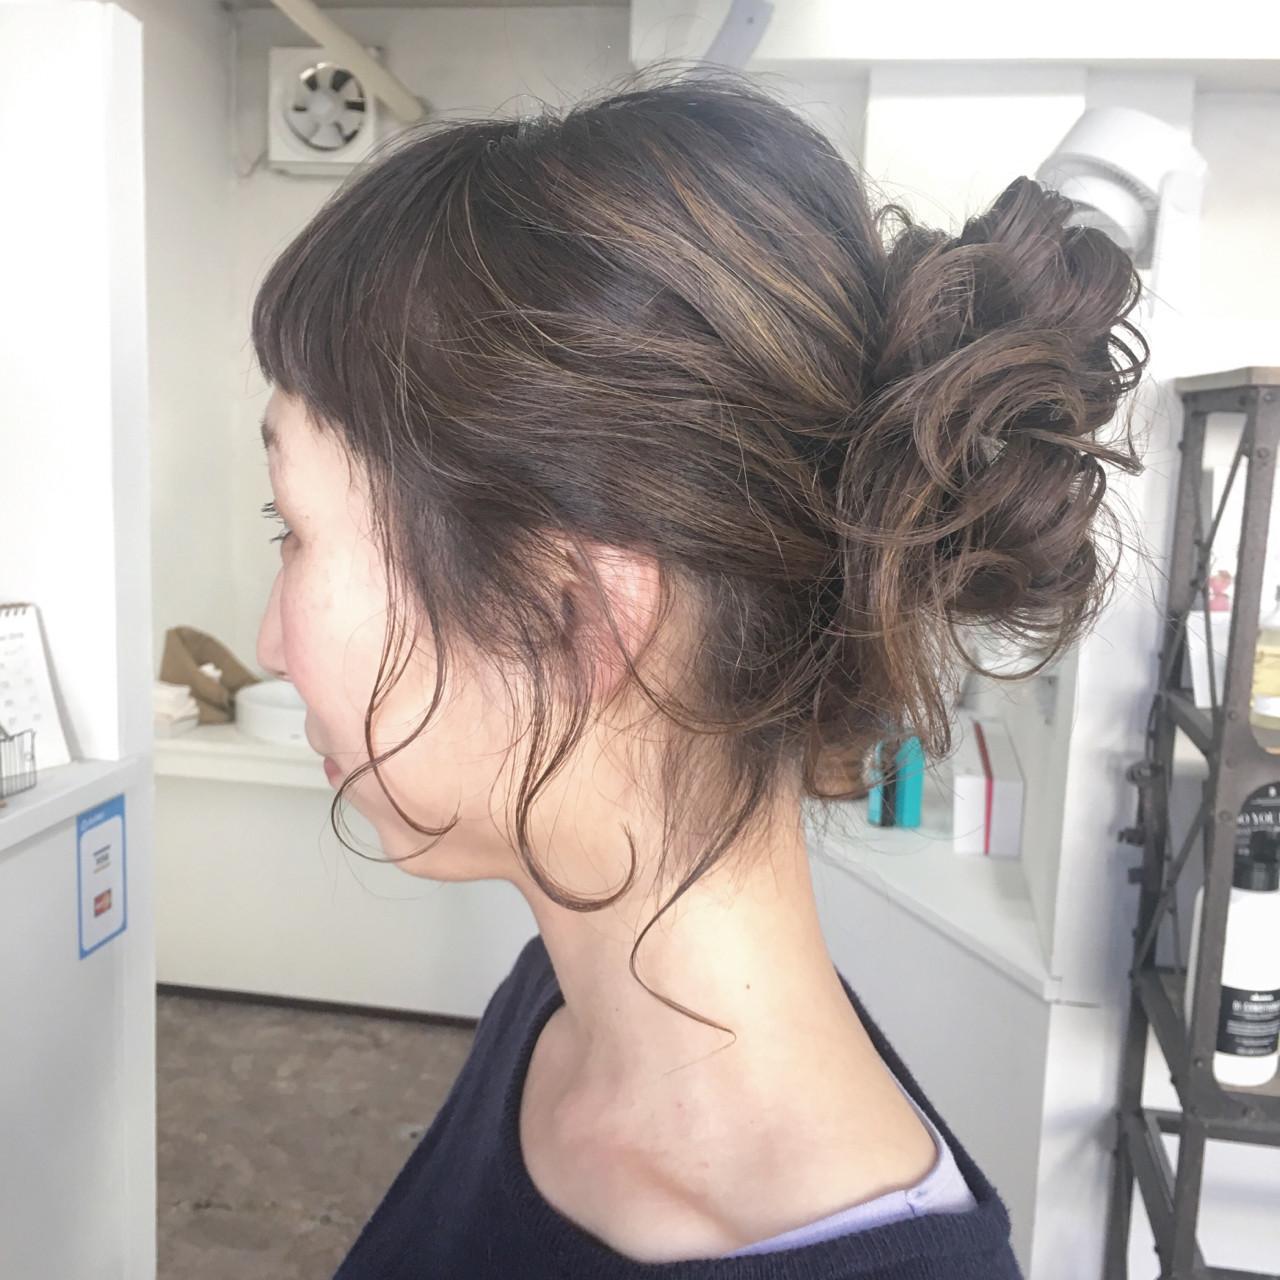 アップスタイルの髪型セットのコツ kazue